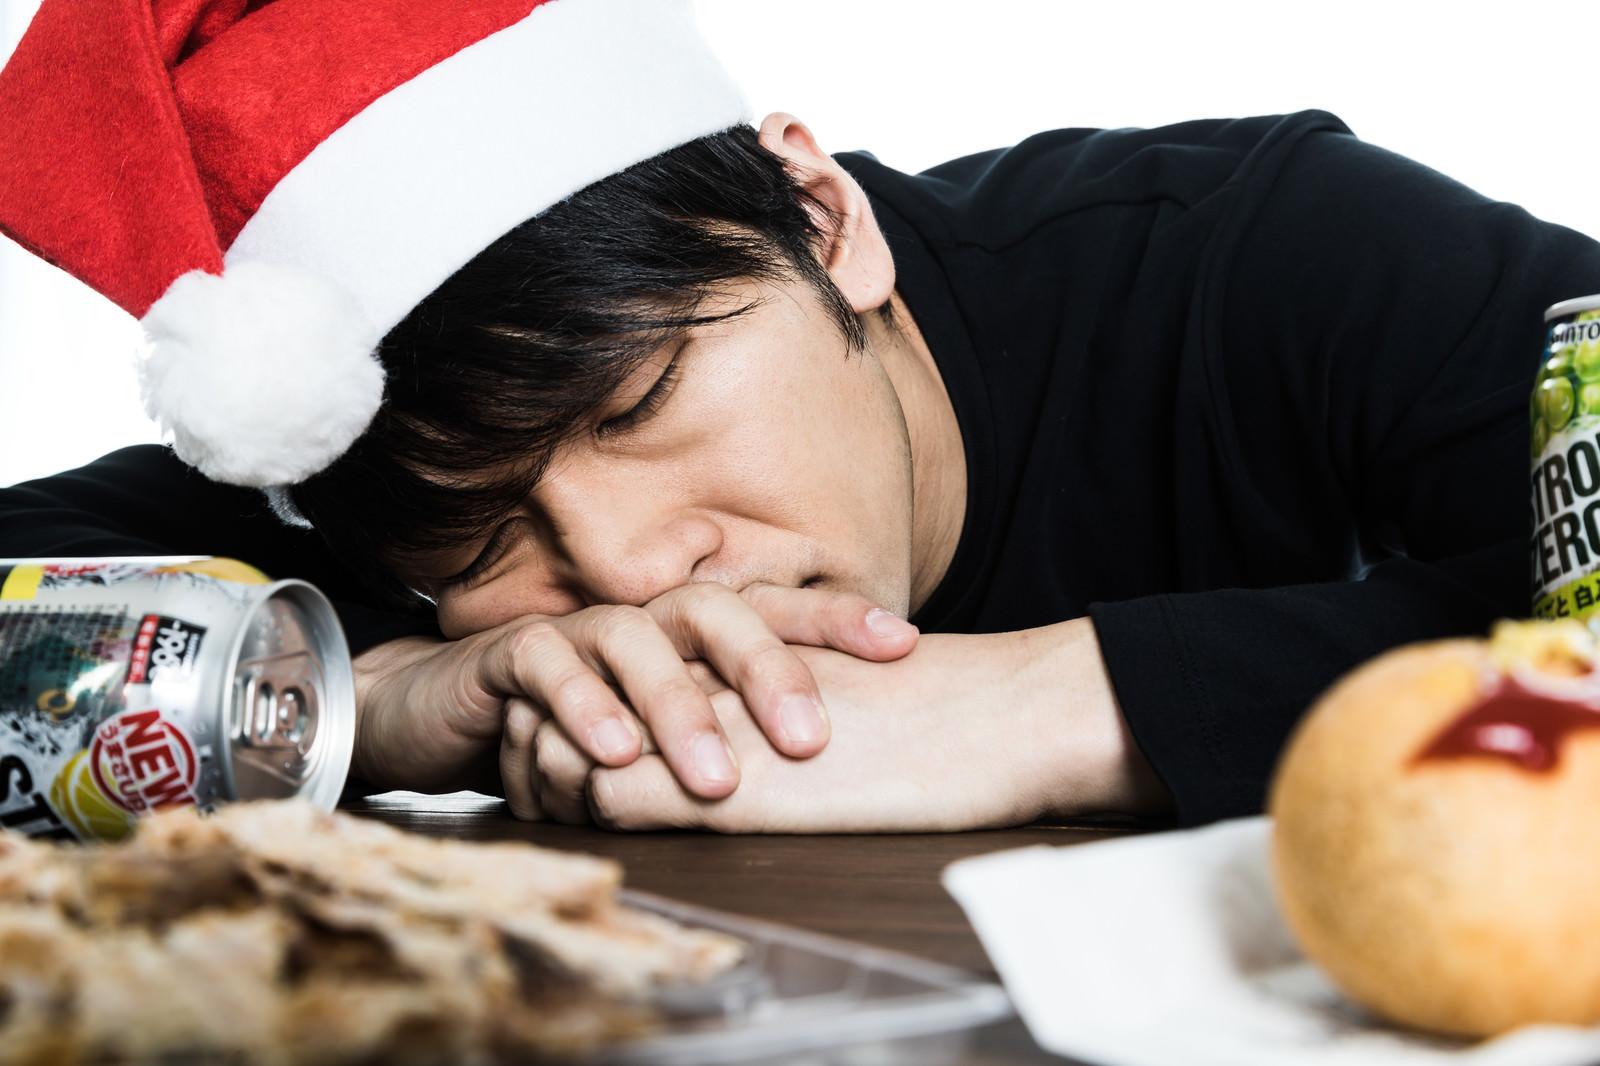 「ひとりパーティ中に寝てしまったクリぼっち | 写真の無料素材・フリー素材 - ぱくたそ」の写真[モデル:大川竜弥]